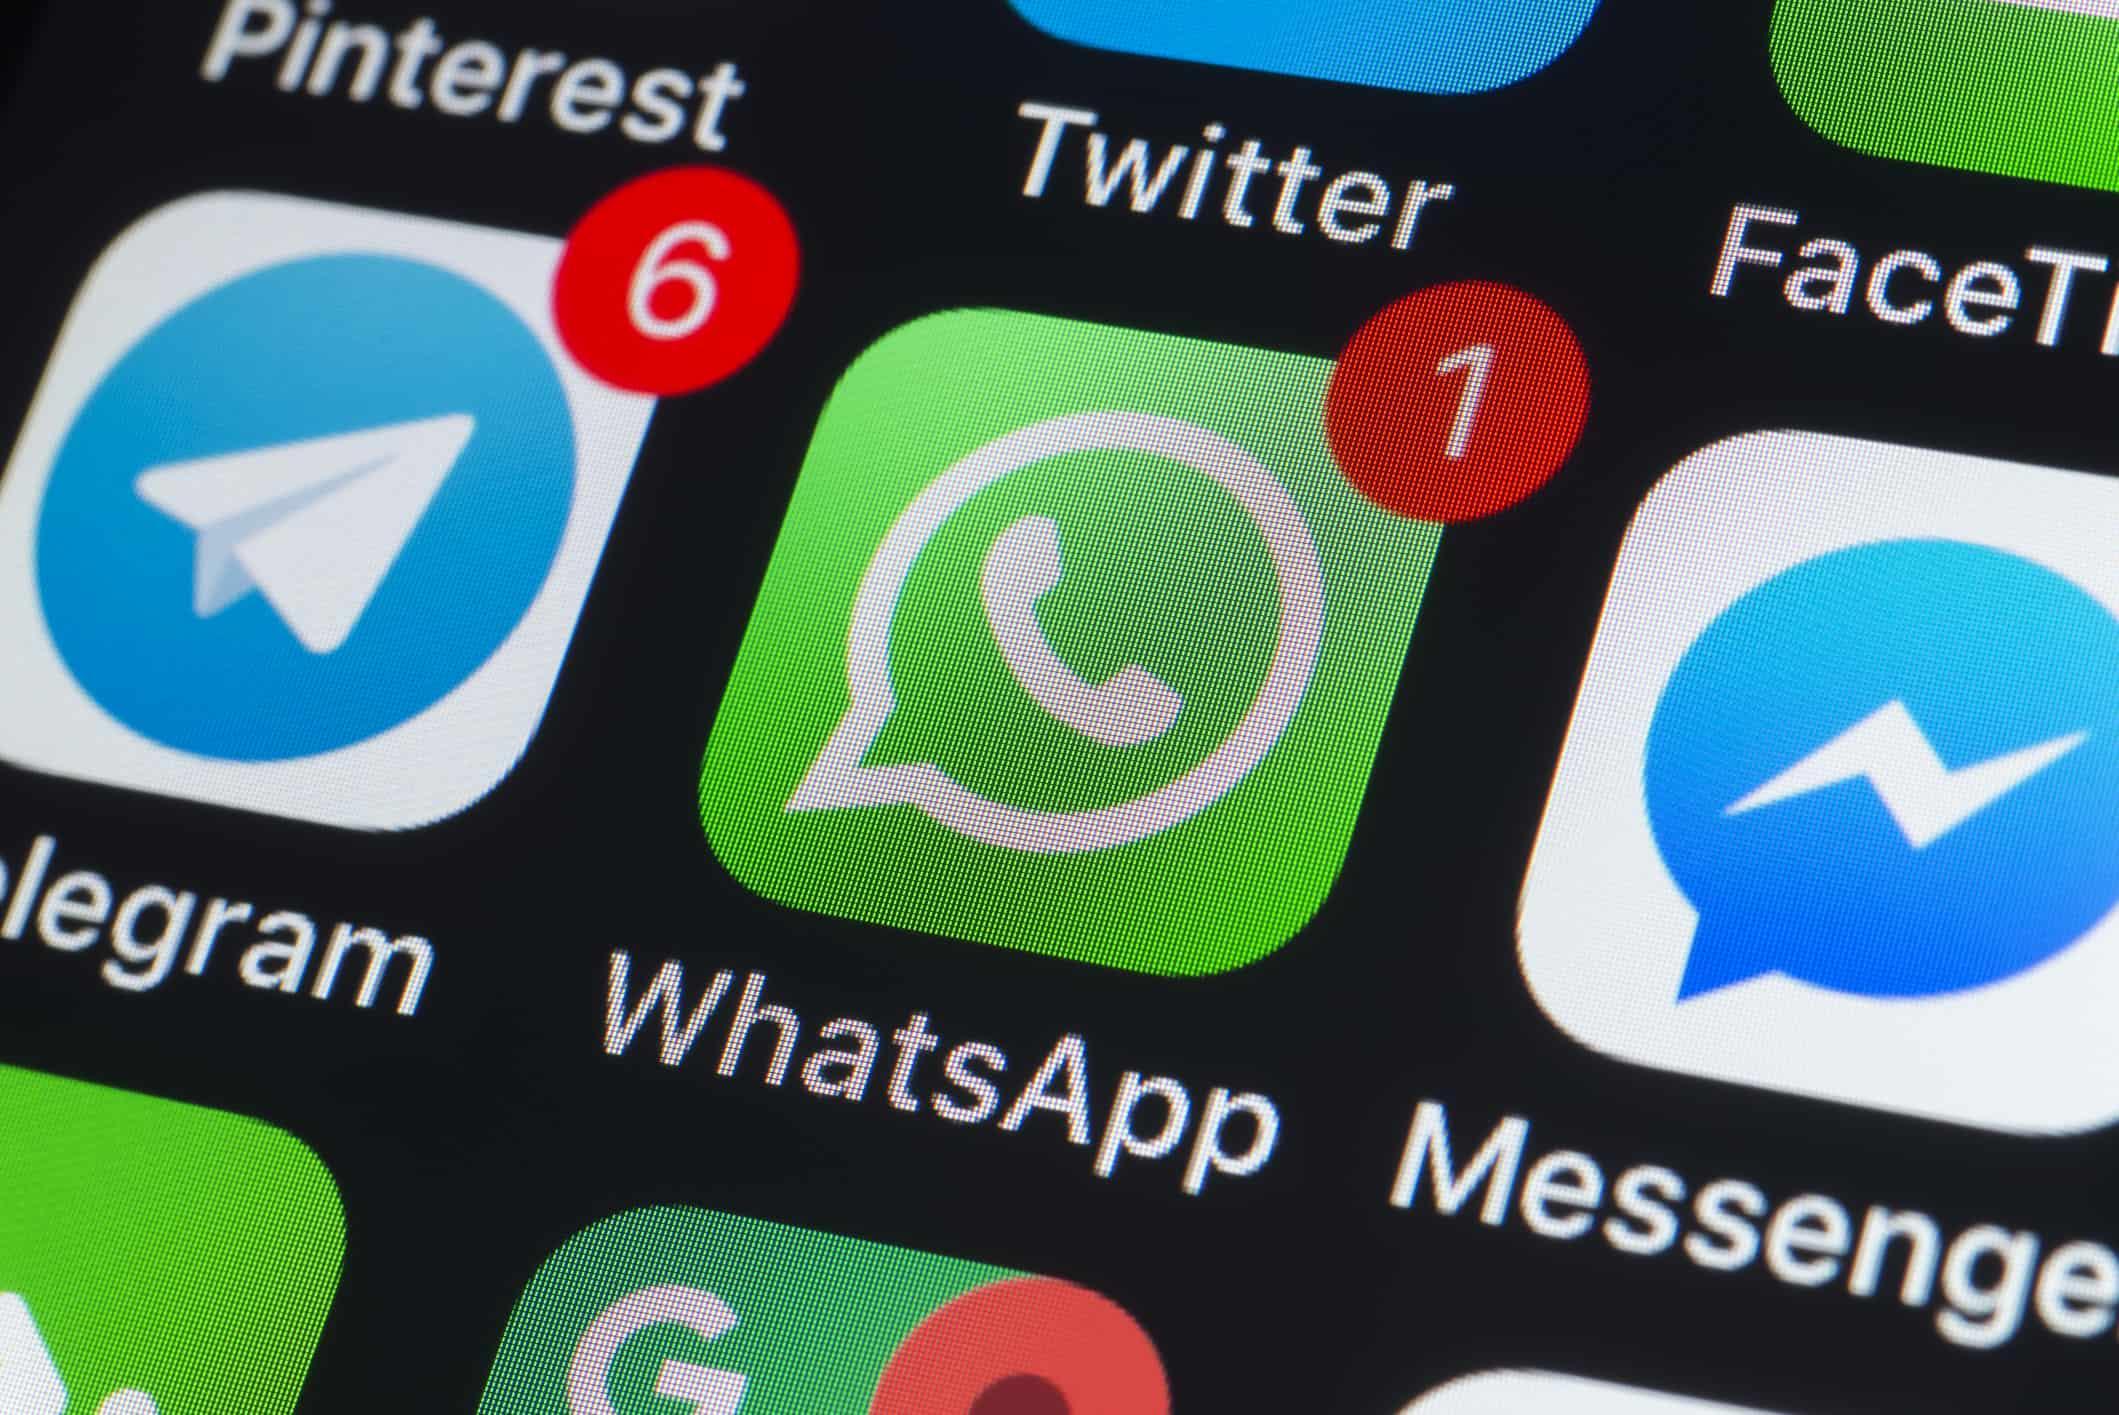 Ecco perchè molte persone stanno abbandonando Whatsapp